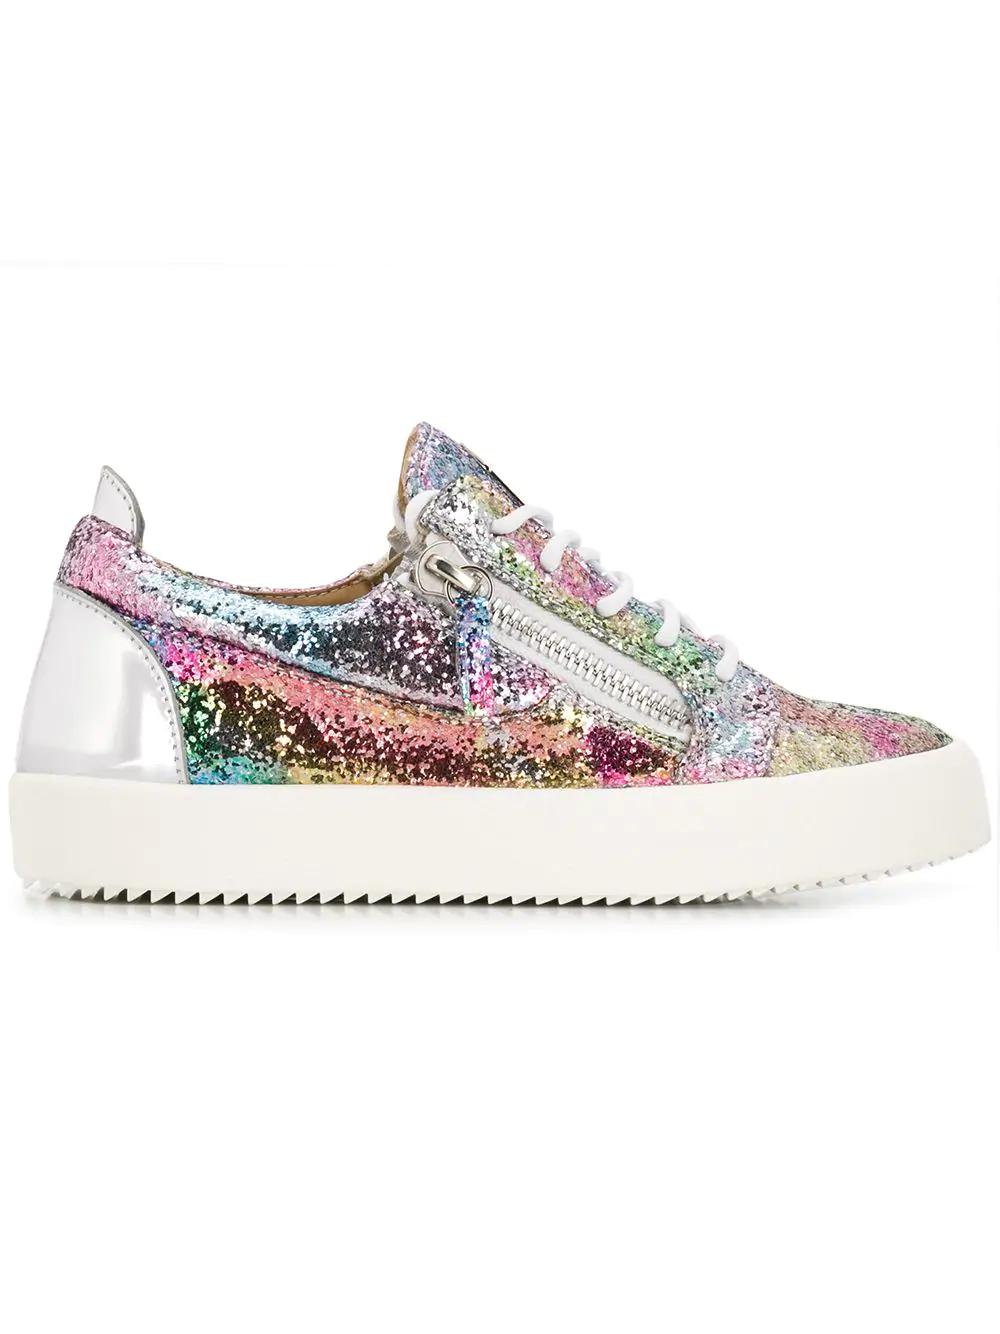 828de83428a Giuseppe Zanotti Women s Glitter Low-Top Platform Sneakers In Pink ...